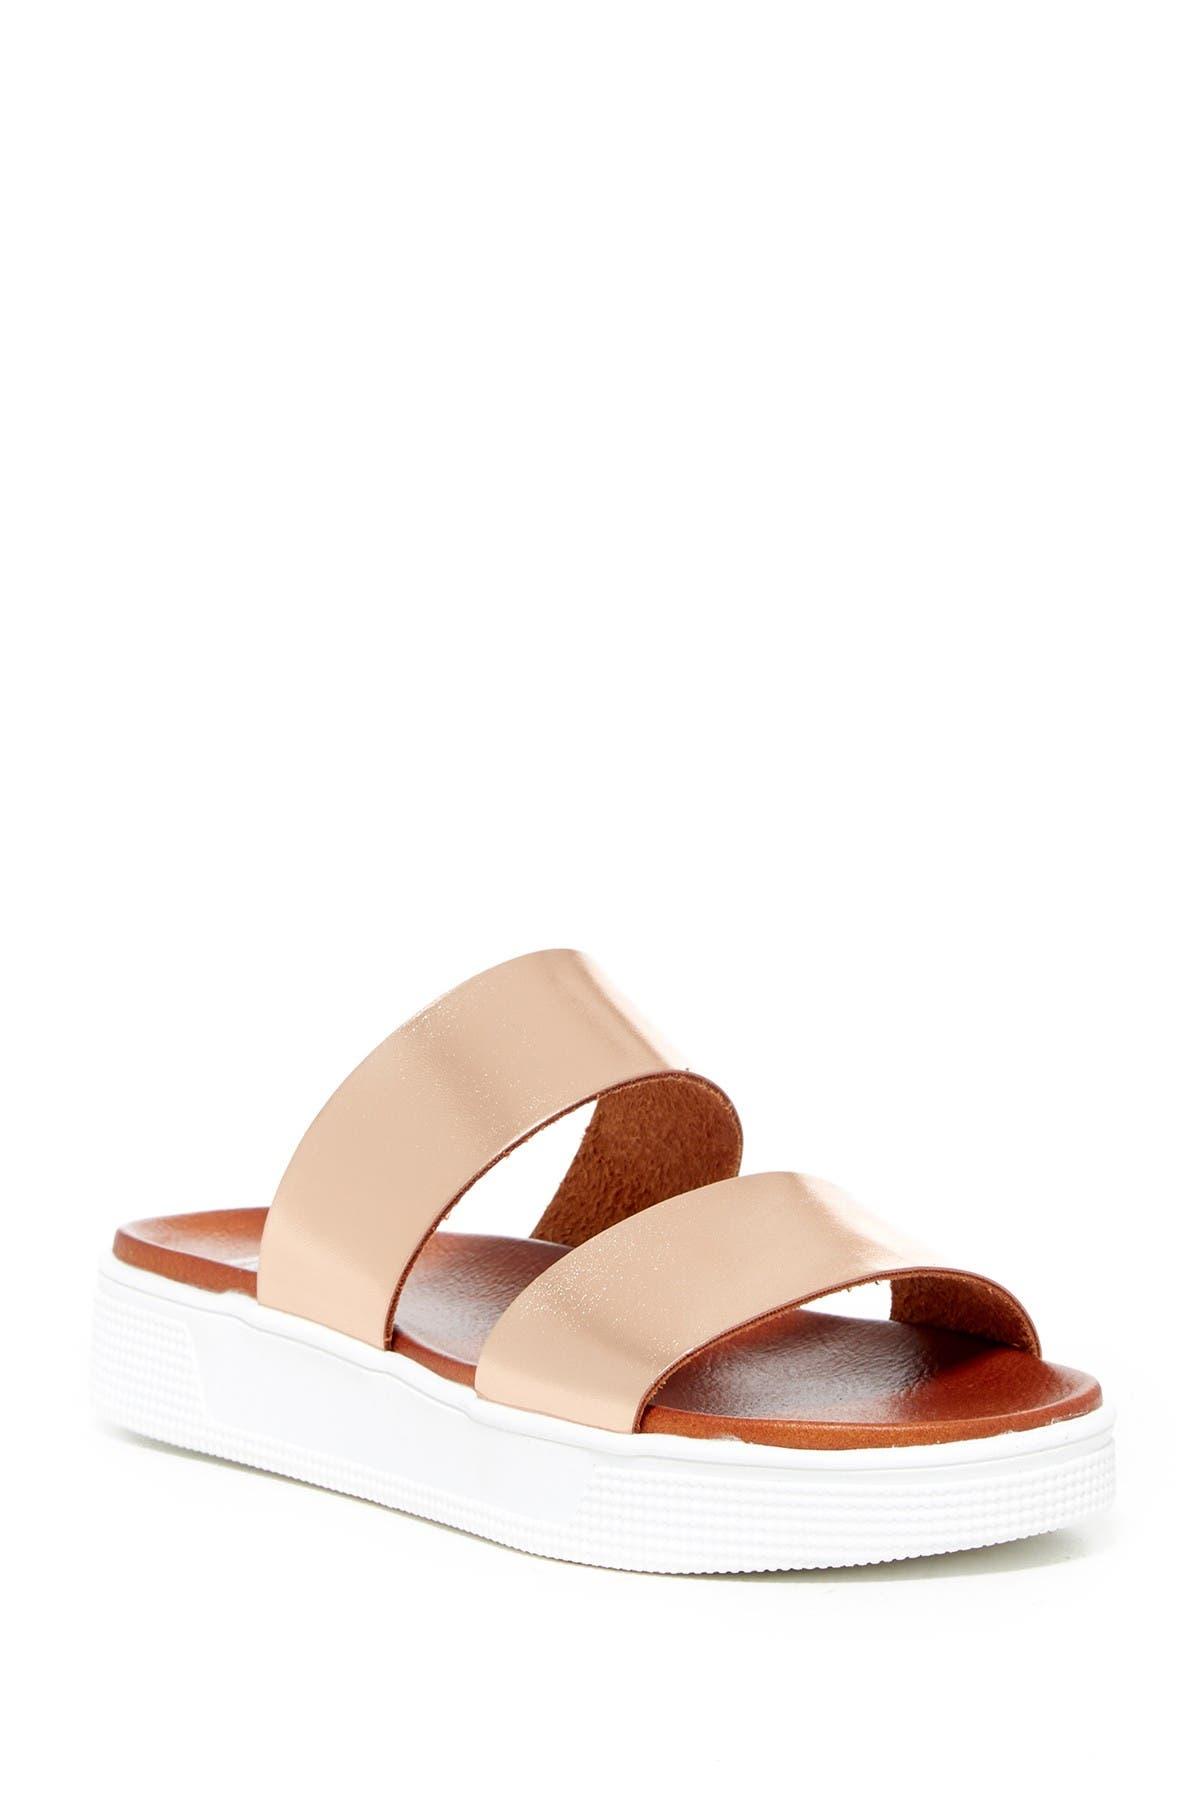 MIA | Saige Platform Slide Sandal